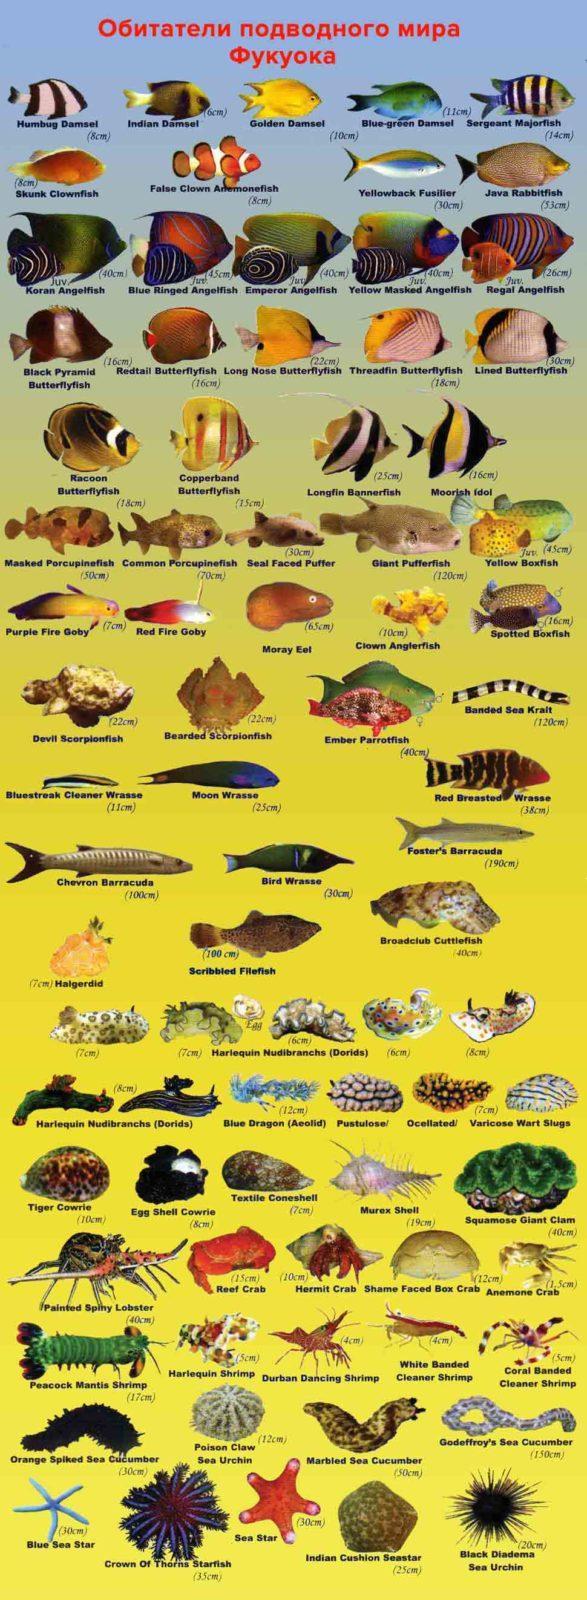 Обитатели подводного мира Фукуока